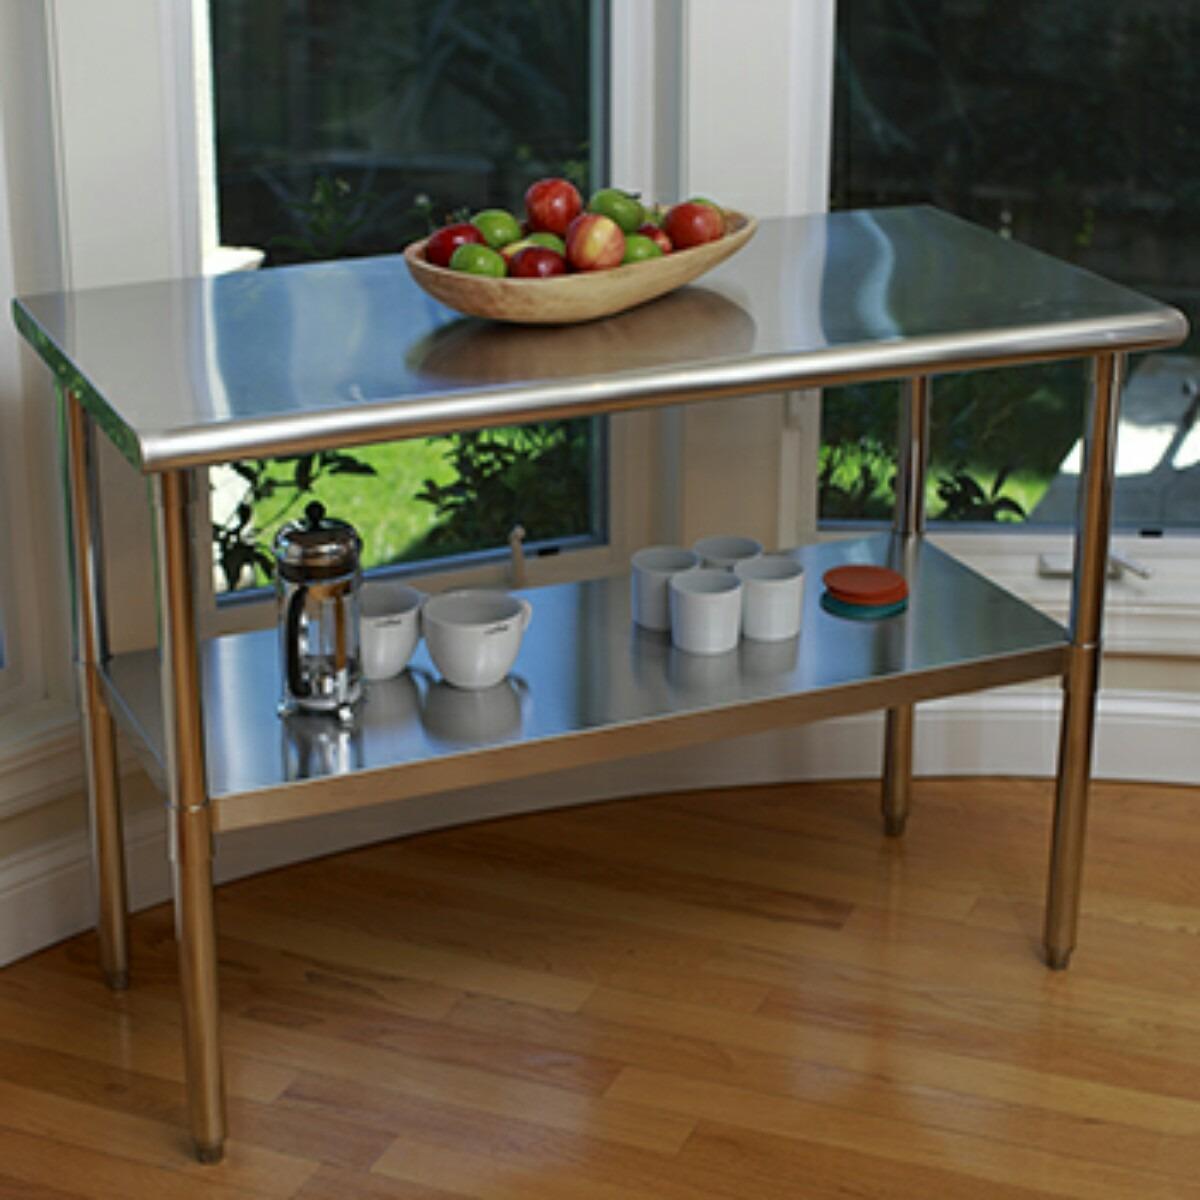 Mesa acero inoxidable mesa de trabajo cocina 3 for Mesa inoxidable